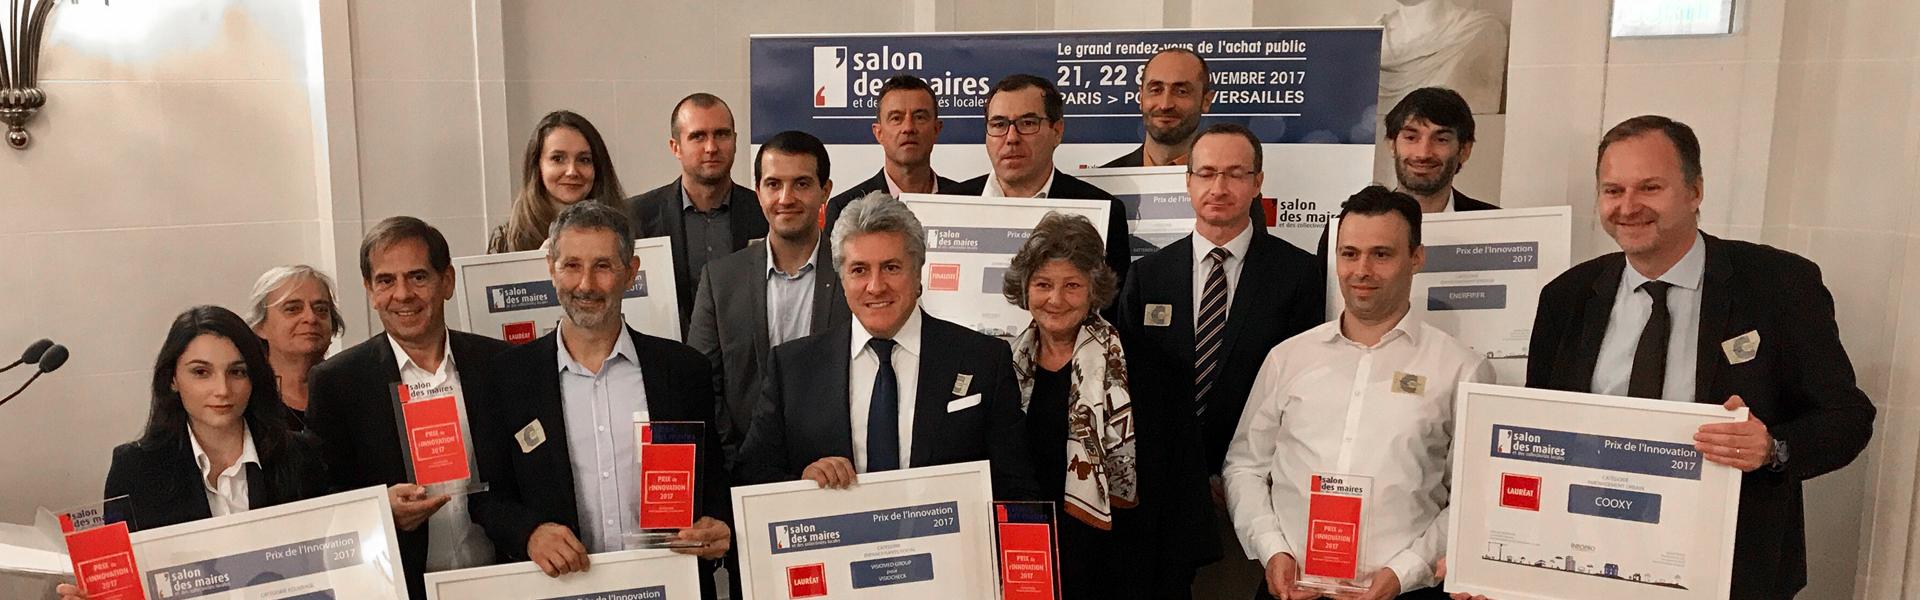 Visiocheck prix de l innovation du salon des maires for Salon maires